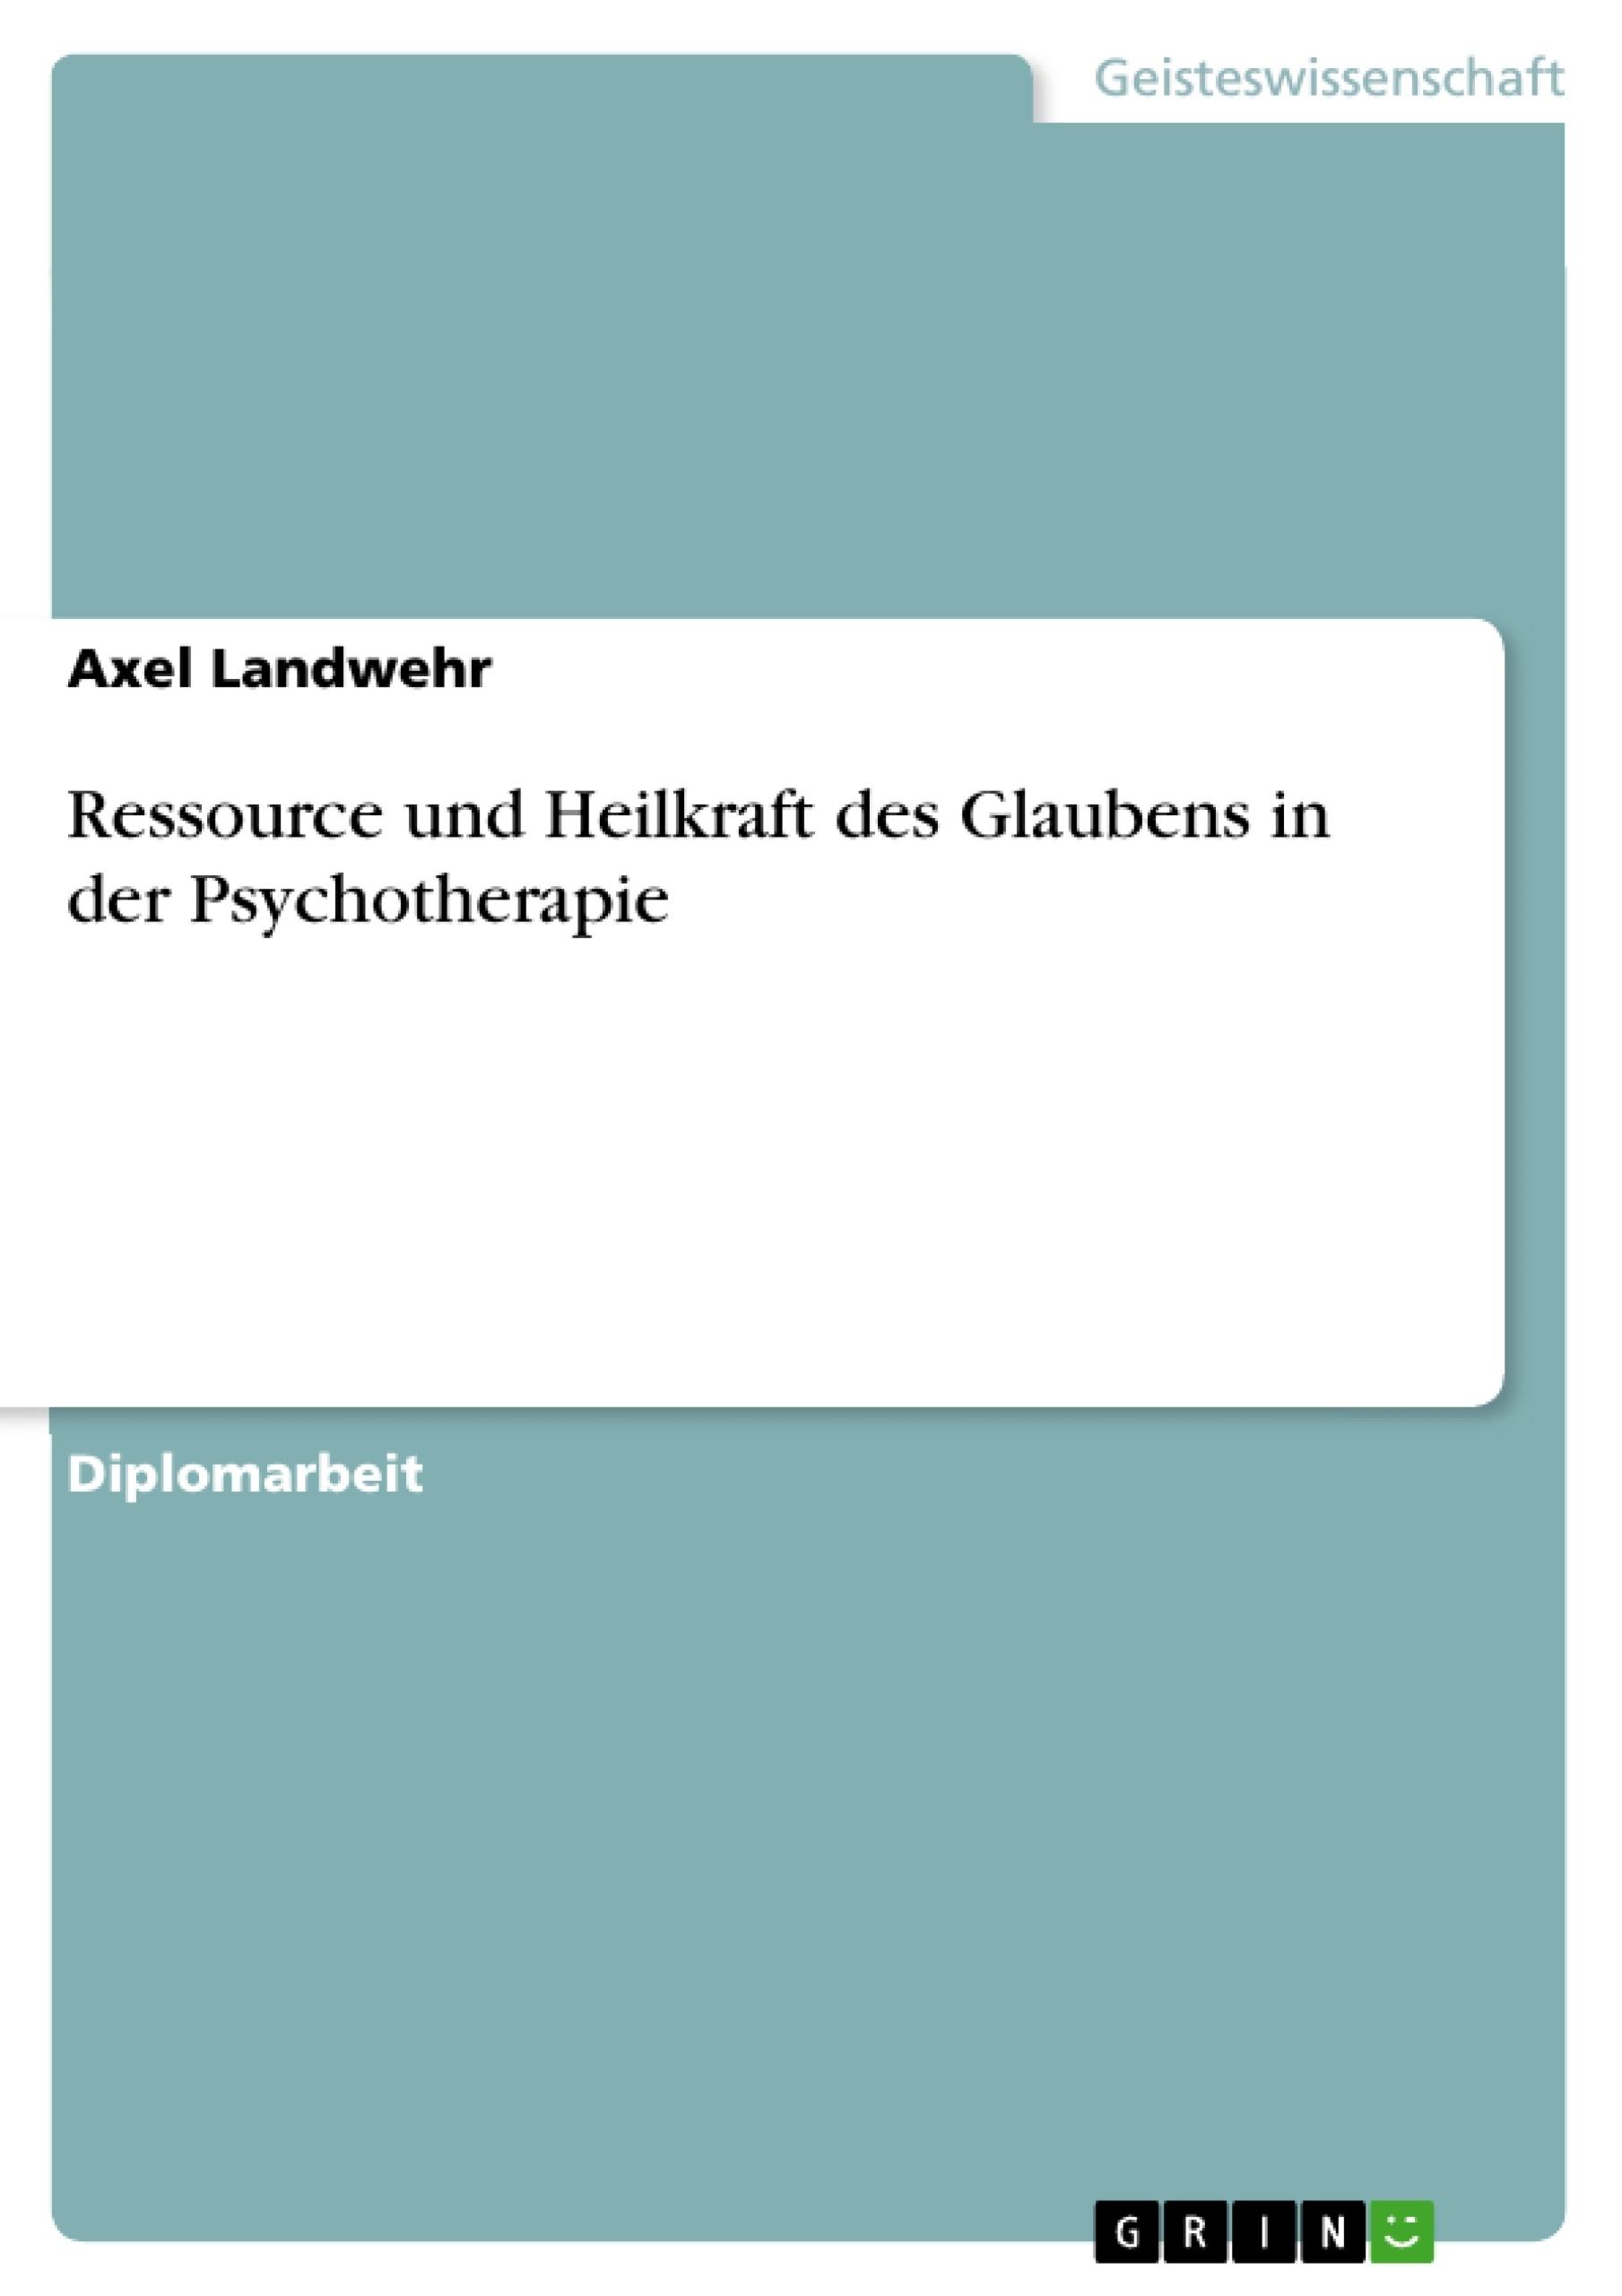 Titel: Ressource und Heilkraft des Glaubens in der Psychotherapie